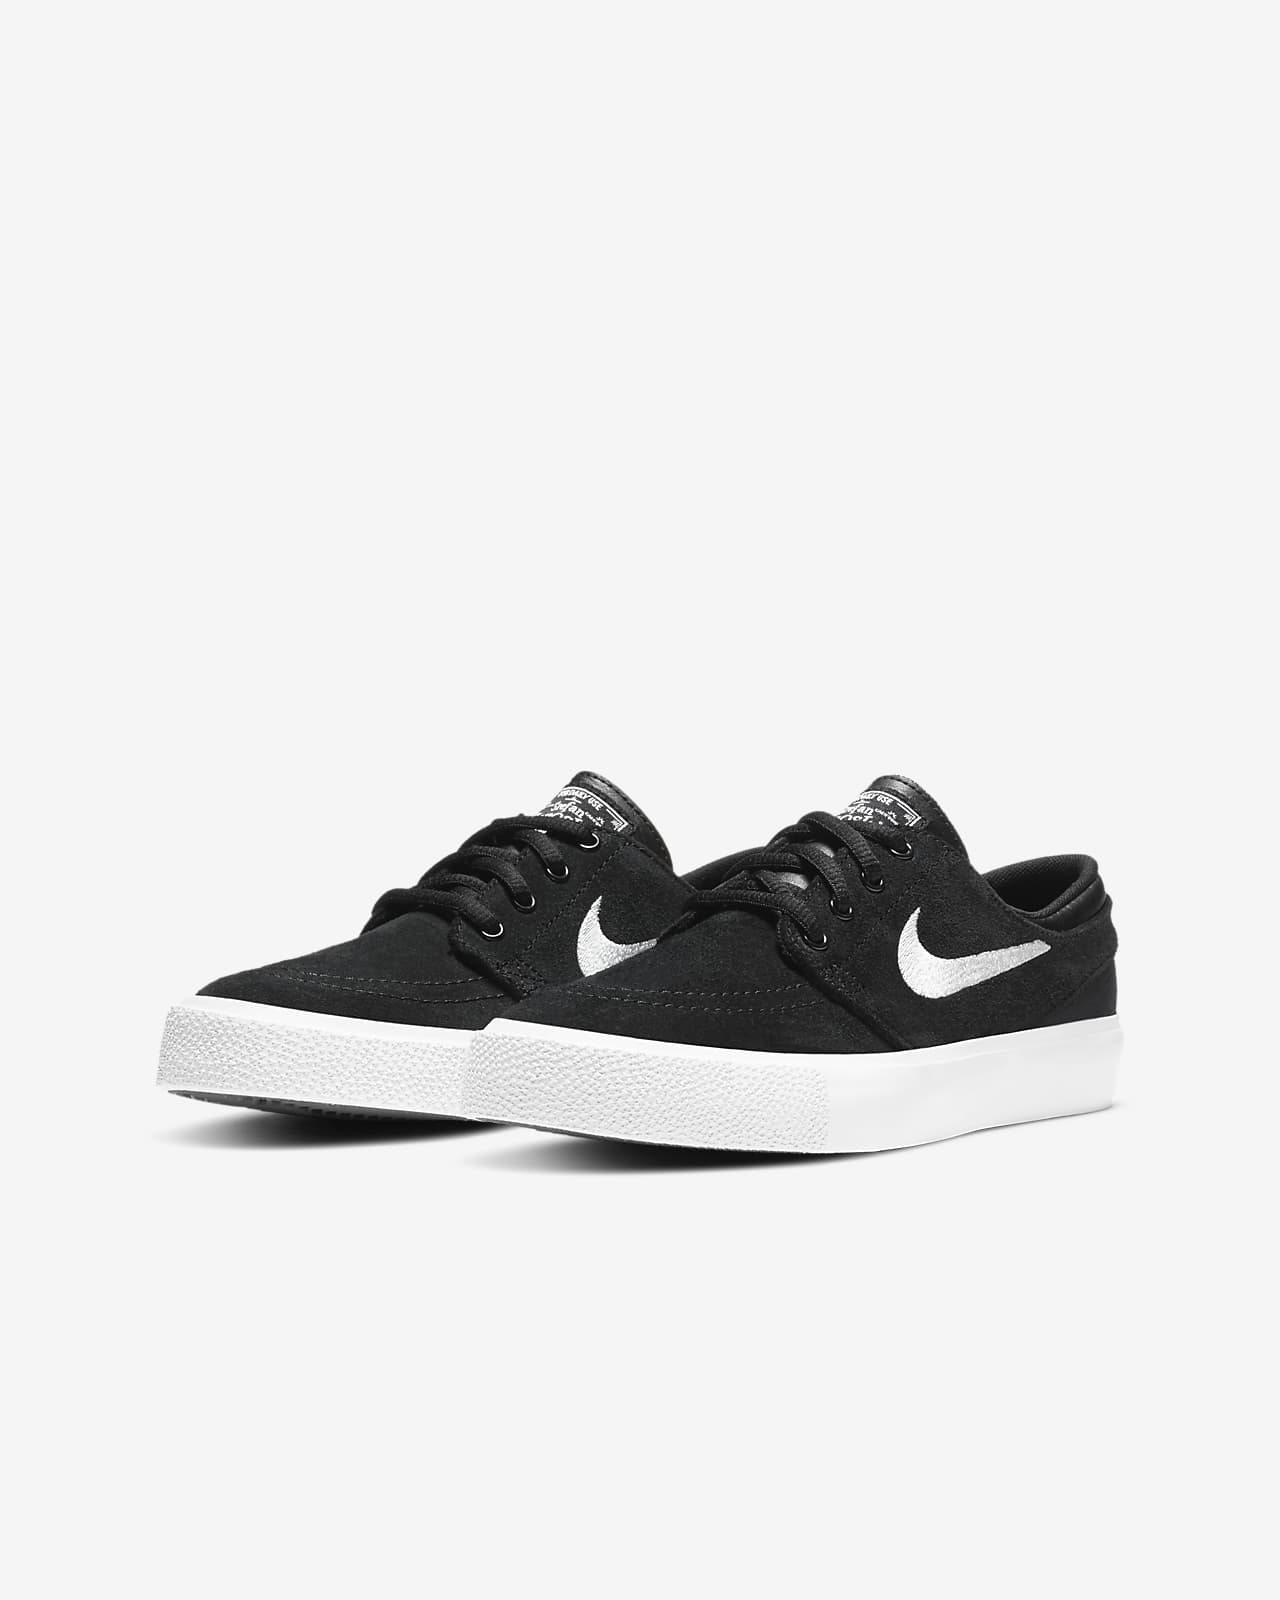 Chaussure de skateboard Nike SB Stefan Janoski pour Enfant plus ...